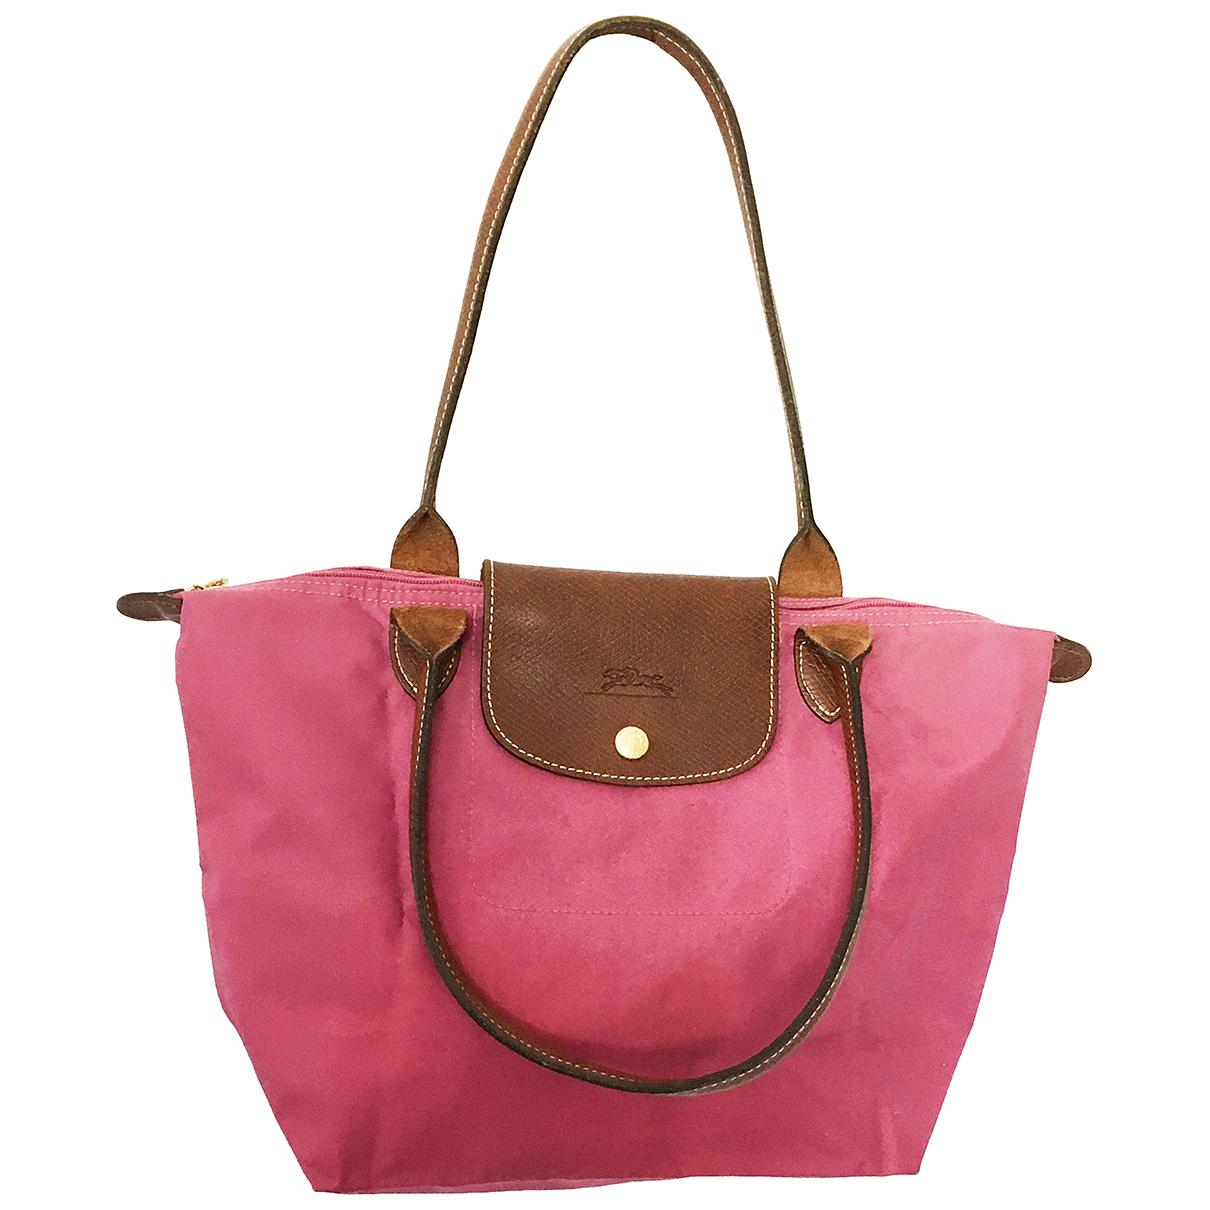 Longchamp Pliage  Handtasche in Leinen